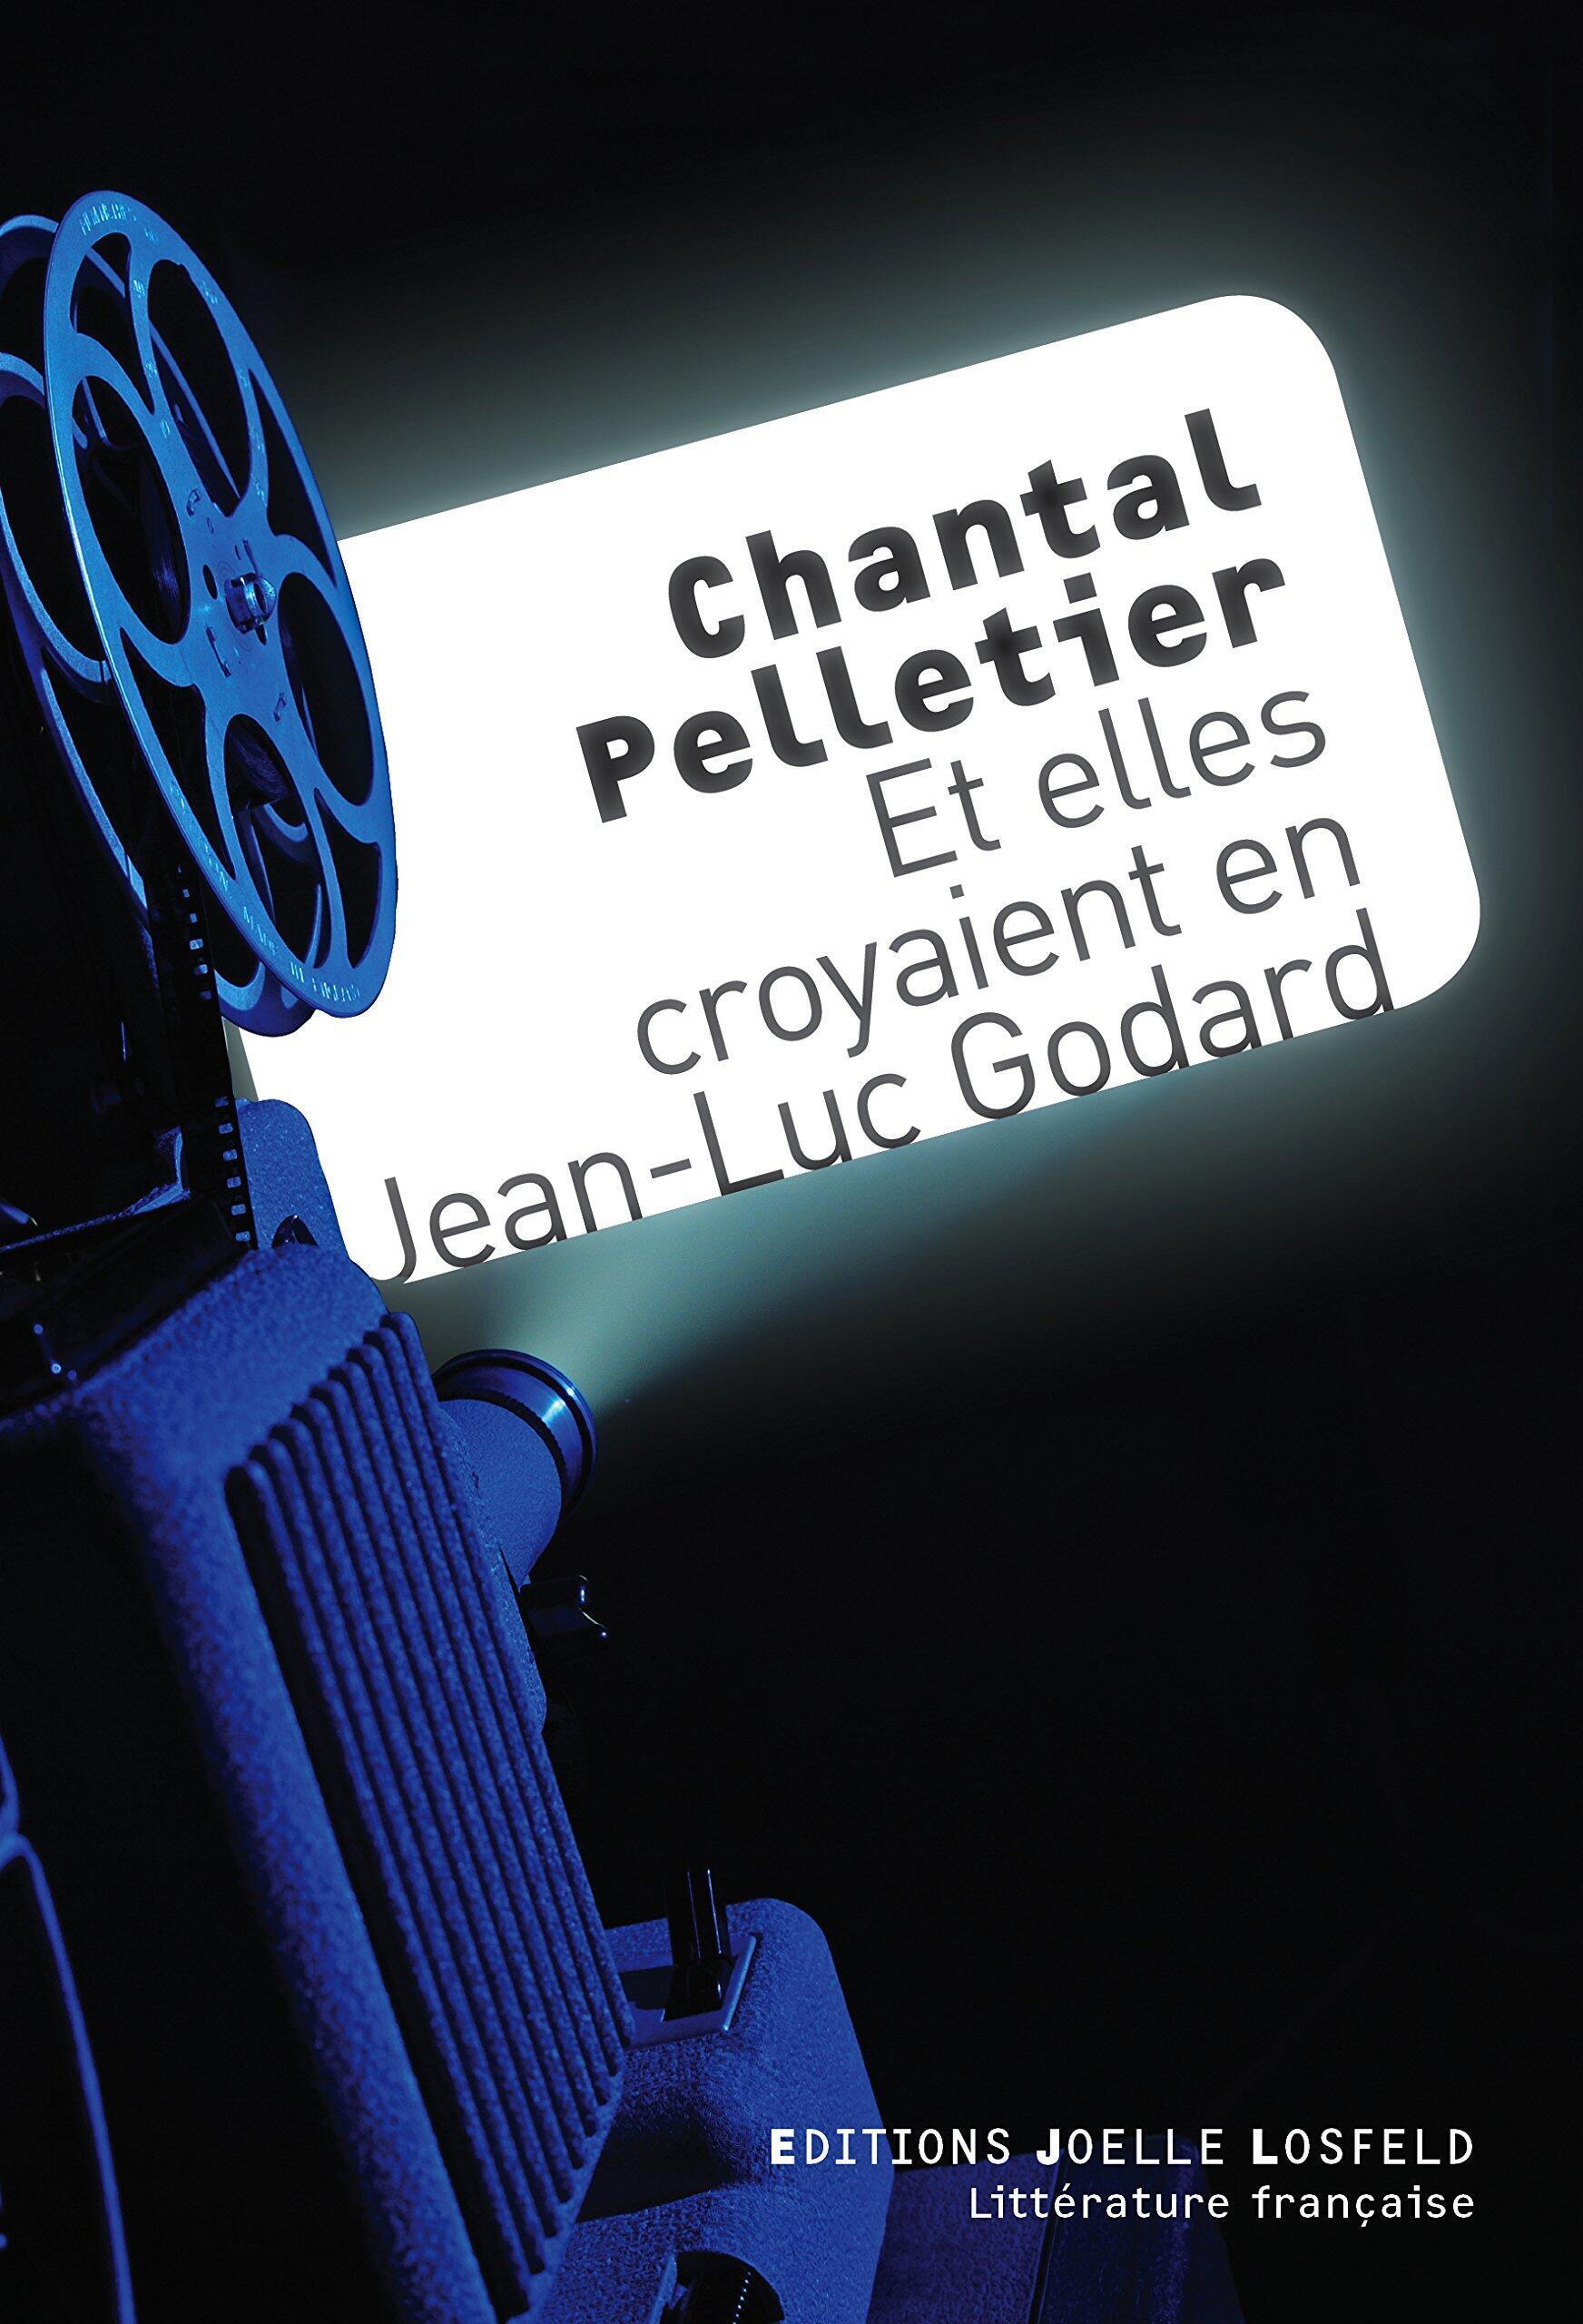 «Et elles croyaient en Jean-Luc Godard», par Chantal Pelletier.